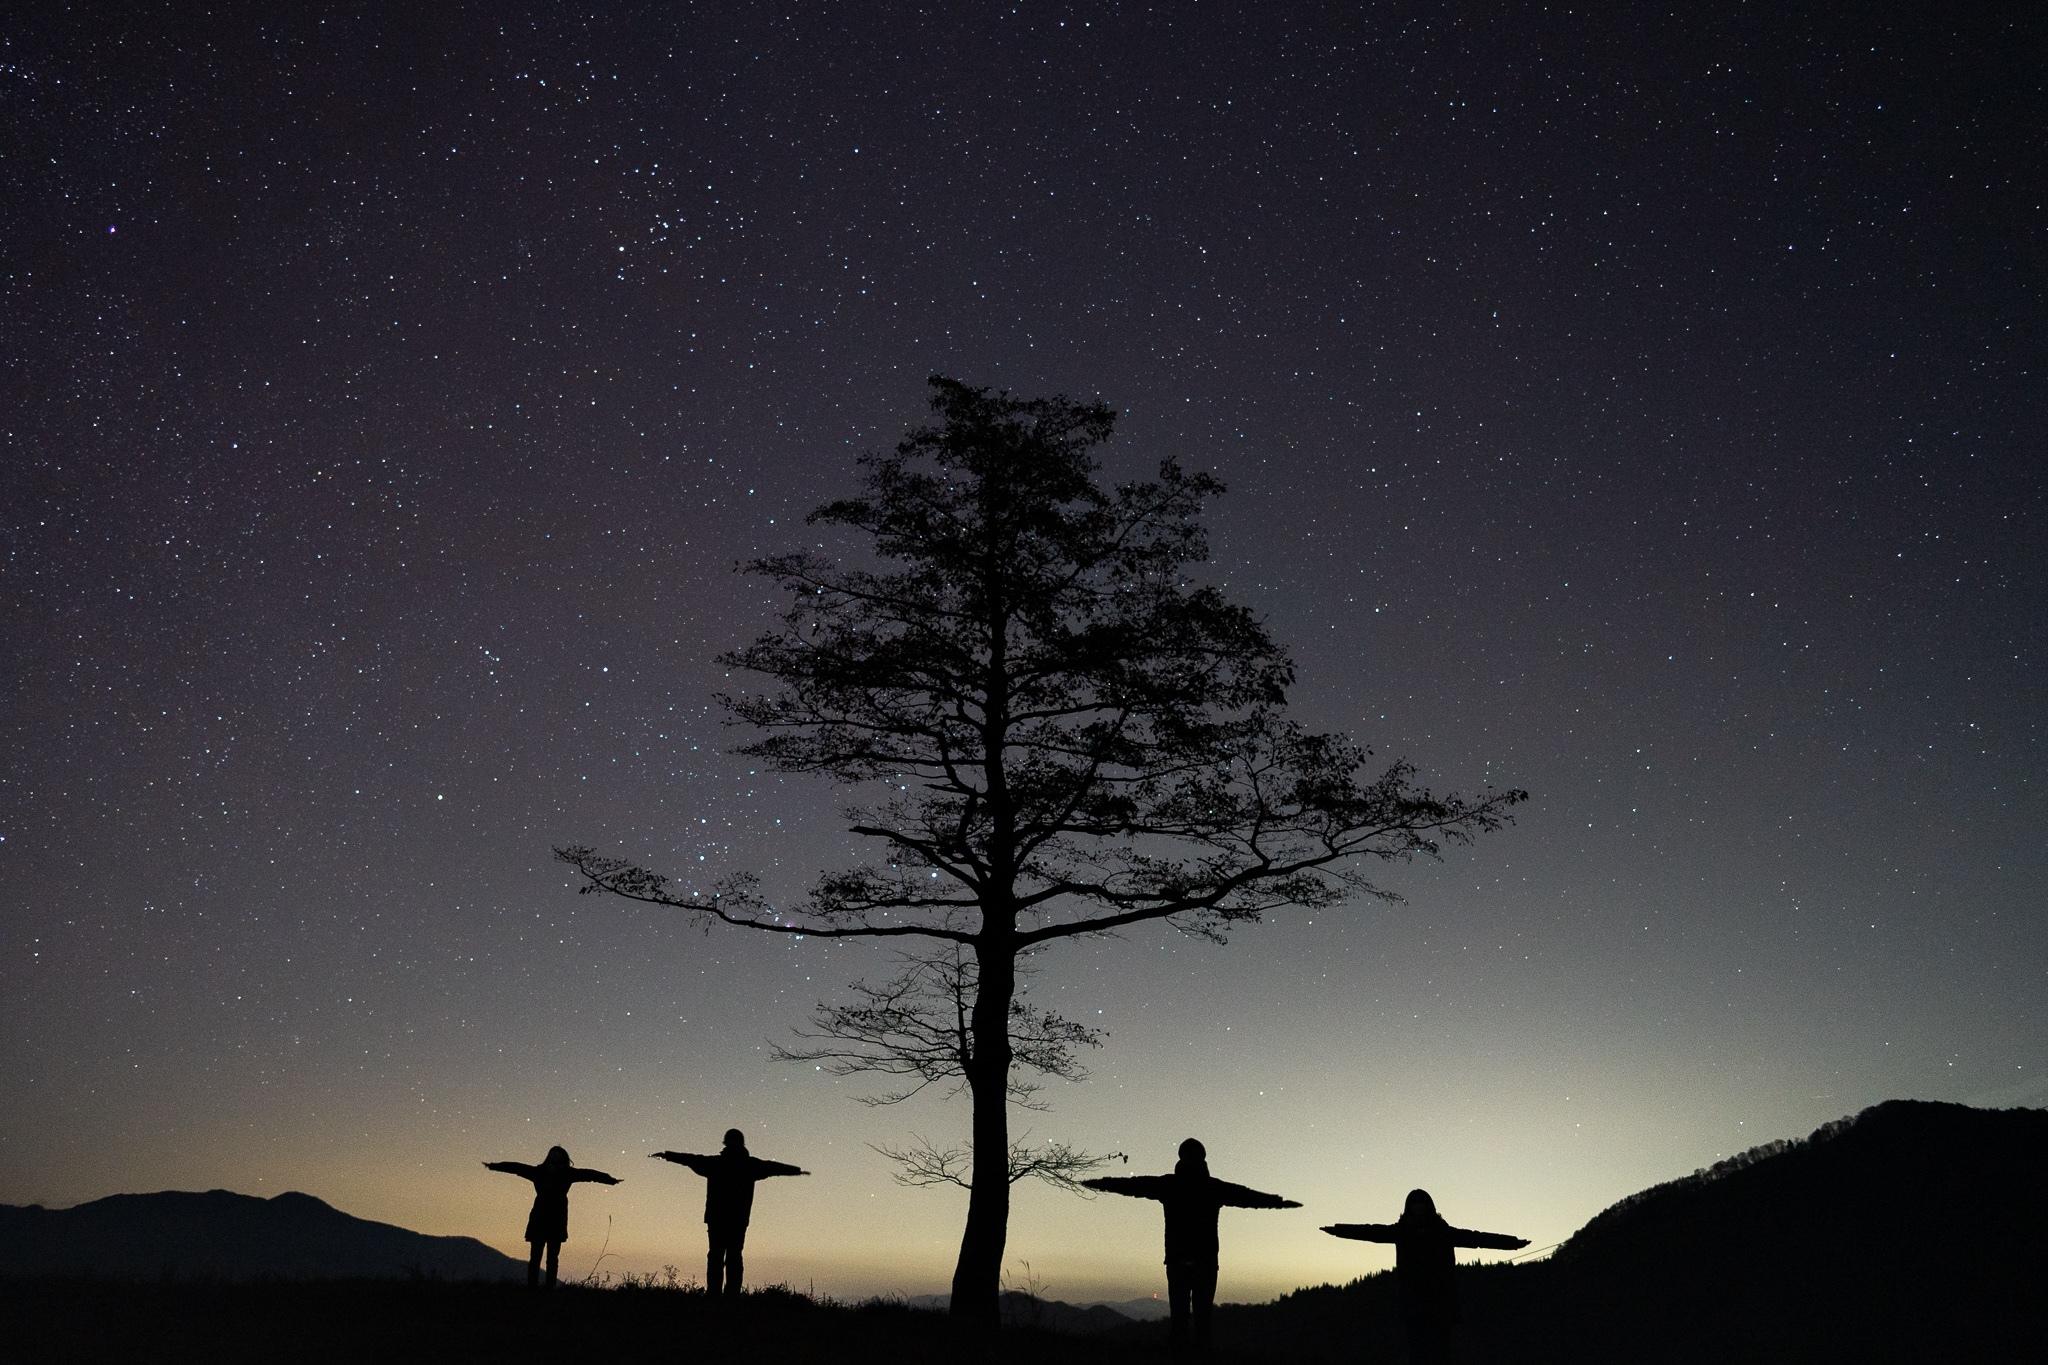 11/14-15スキー場には雪が積もる前に行く【天文サークル】